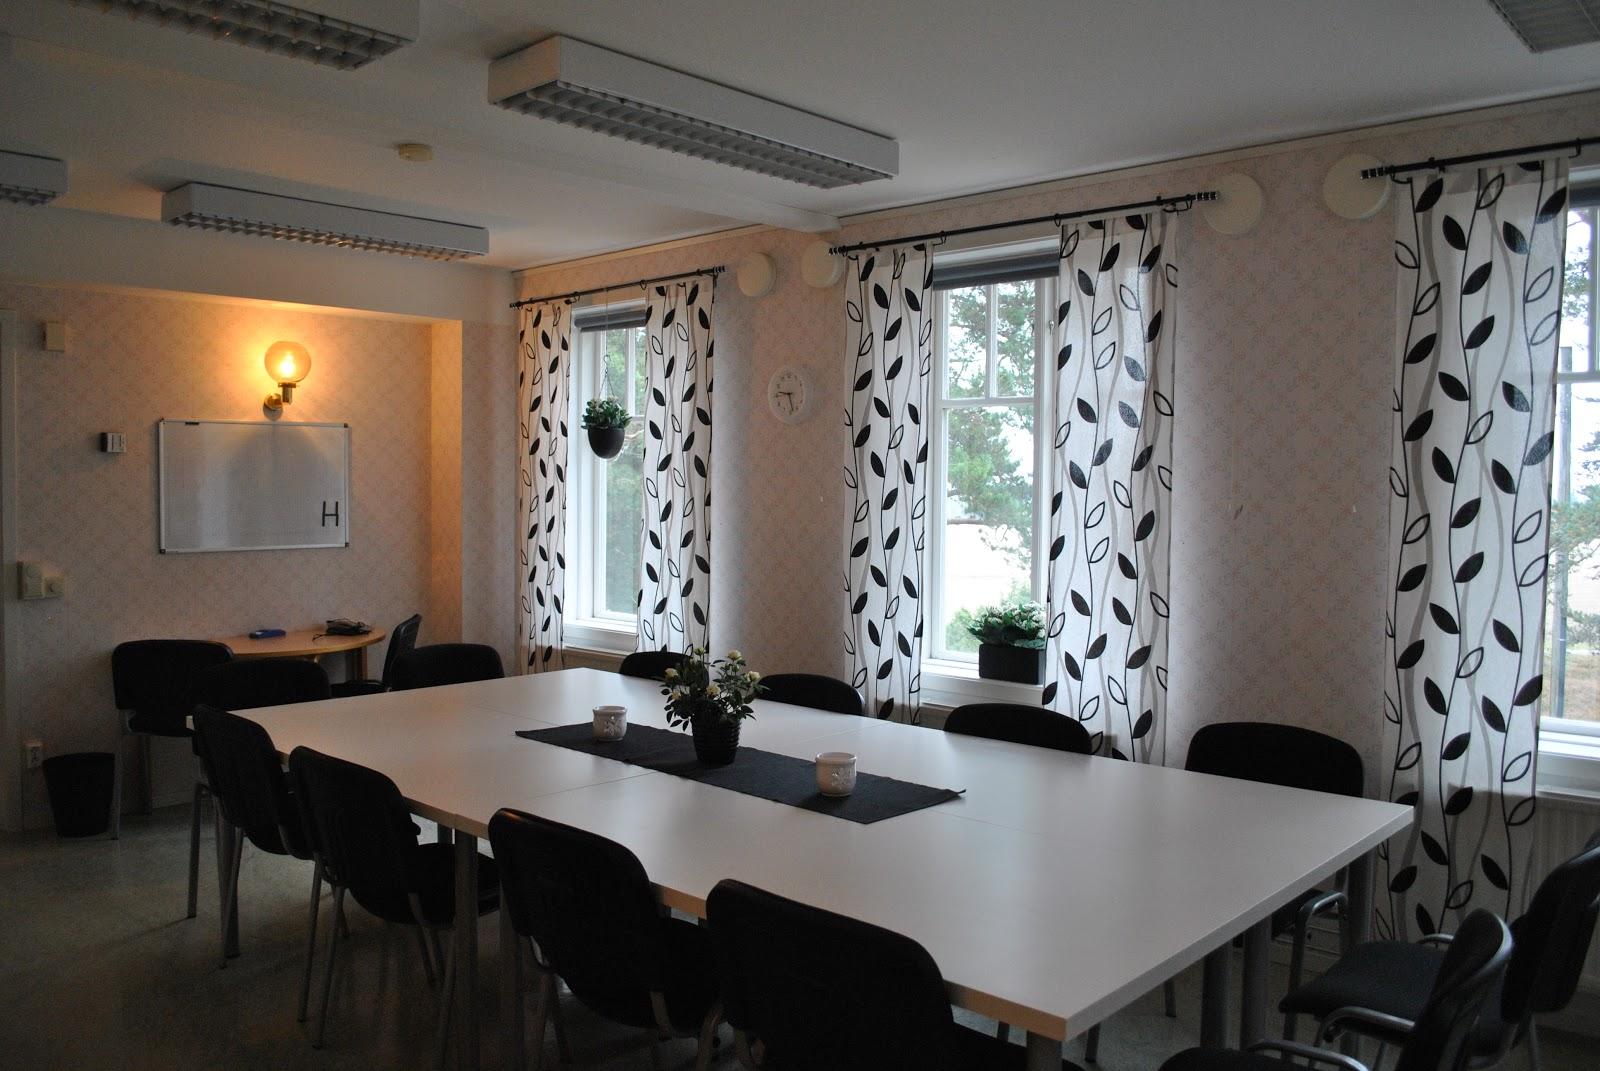 mötesplatsen mailadress Hässleholm